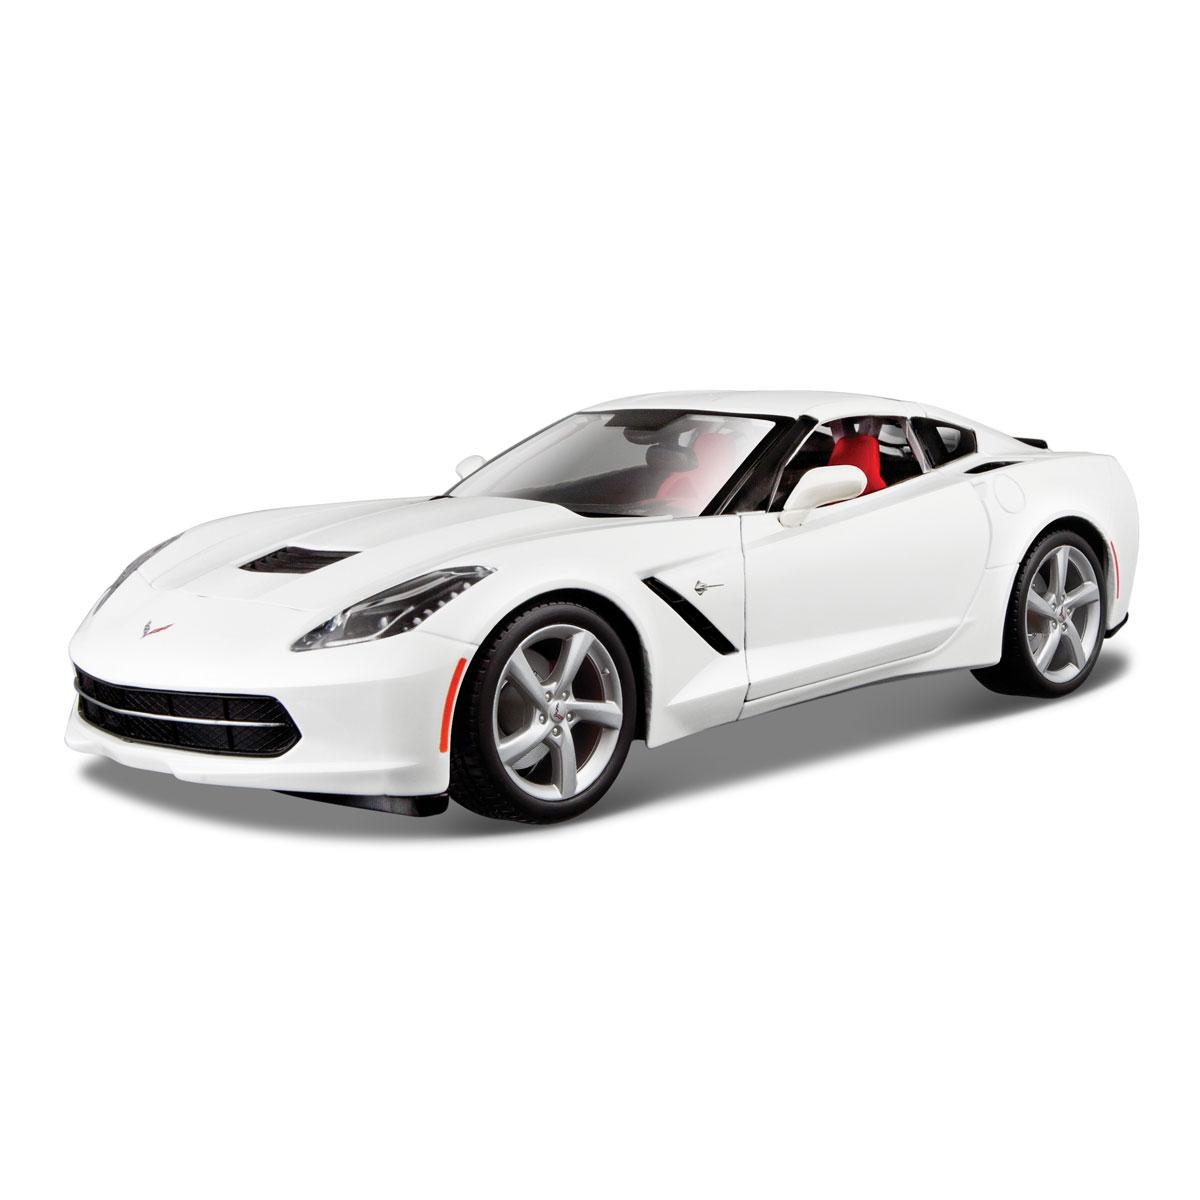 31182 Машина 2014 Corvette 1:18 6/631182Машина 2014 Corvette. Высококачественные коллекционные модели автомобиля серии Special Edition в масштабе 1:18 - литые металлические корпуса с высокой детализацией двигателя, интерьера салона, дисков, протекторов, выхлопной системы. У большинства моделей открывается двери, капот и багажник. Модель сделана из металла и пластика. Игрушки в точности повторяют модели оригинальной техники, подробная детализация в полной мере позволит вам оценить высокую точность копии этой машины! Разнообразие цветов на ваш вкус! Возраст: с 3-х лет. Производство Китай.